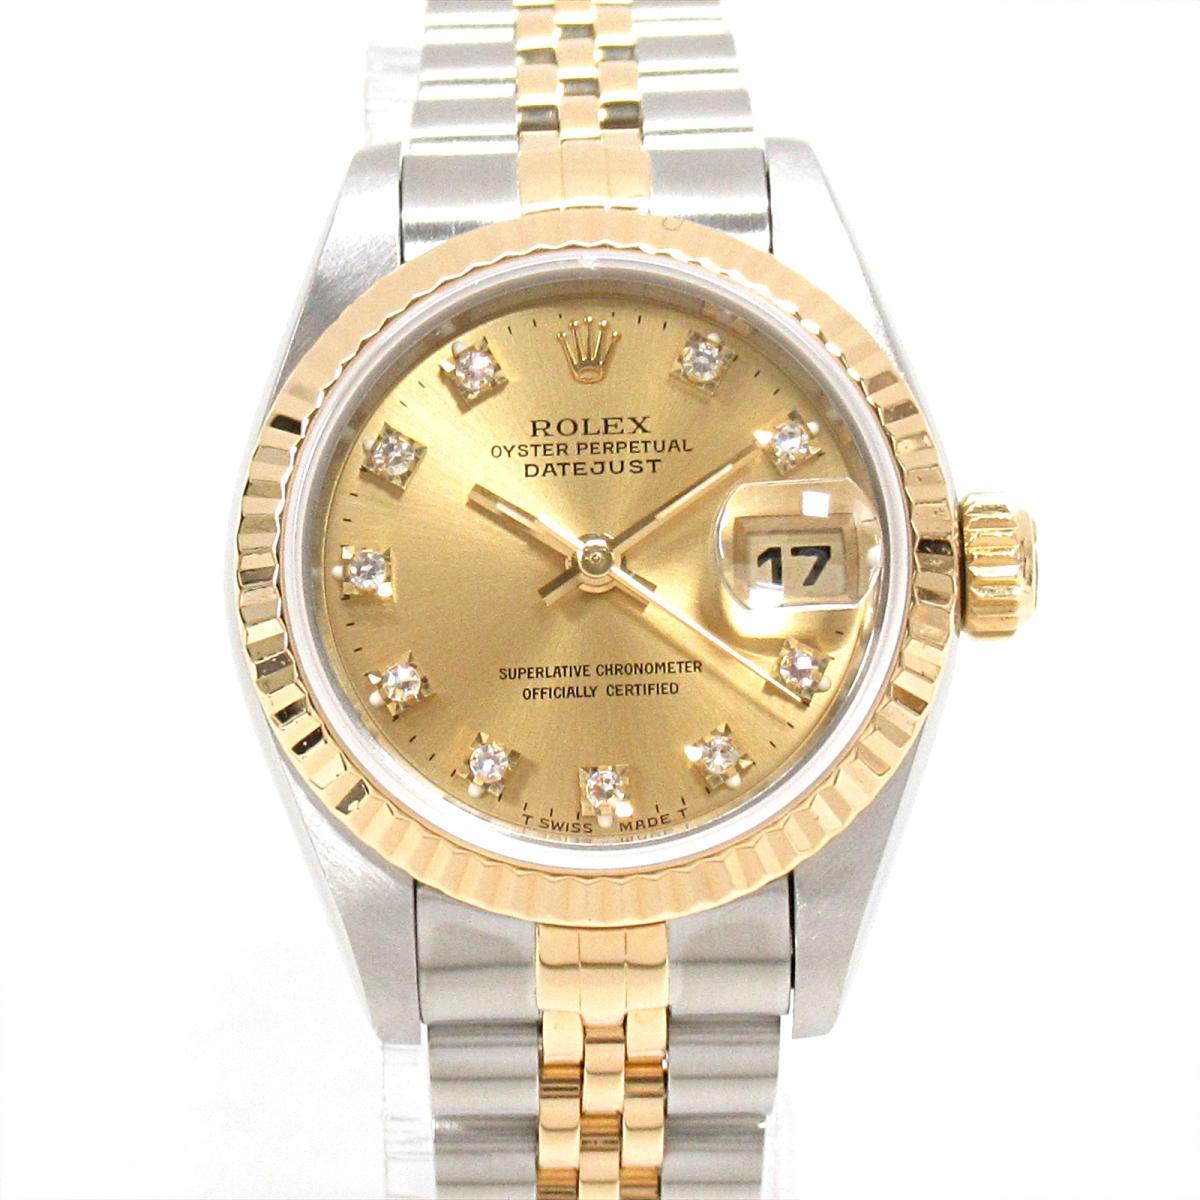 デイトジャスト 腕時計/レディース/人気